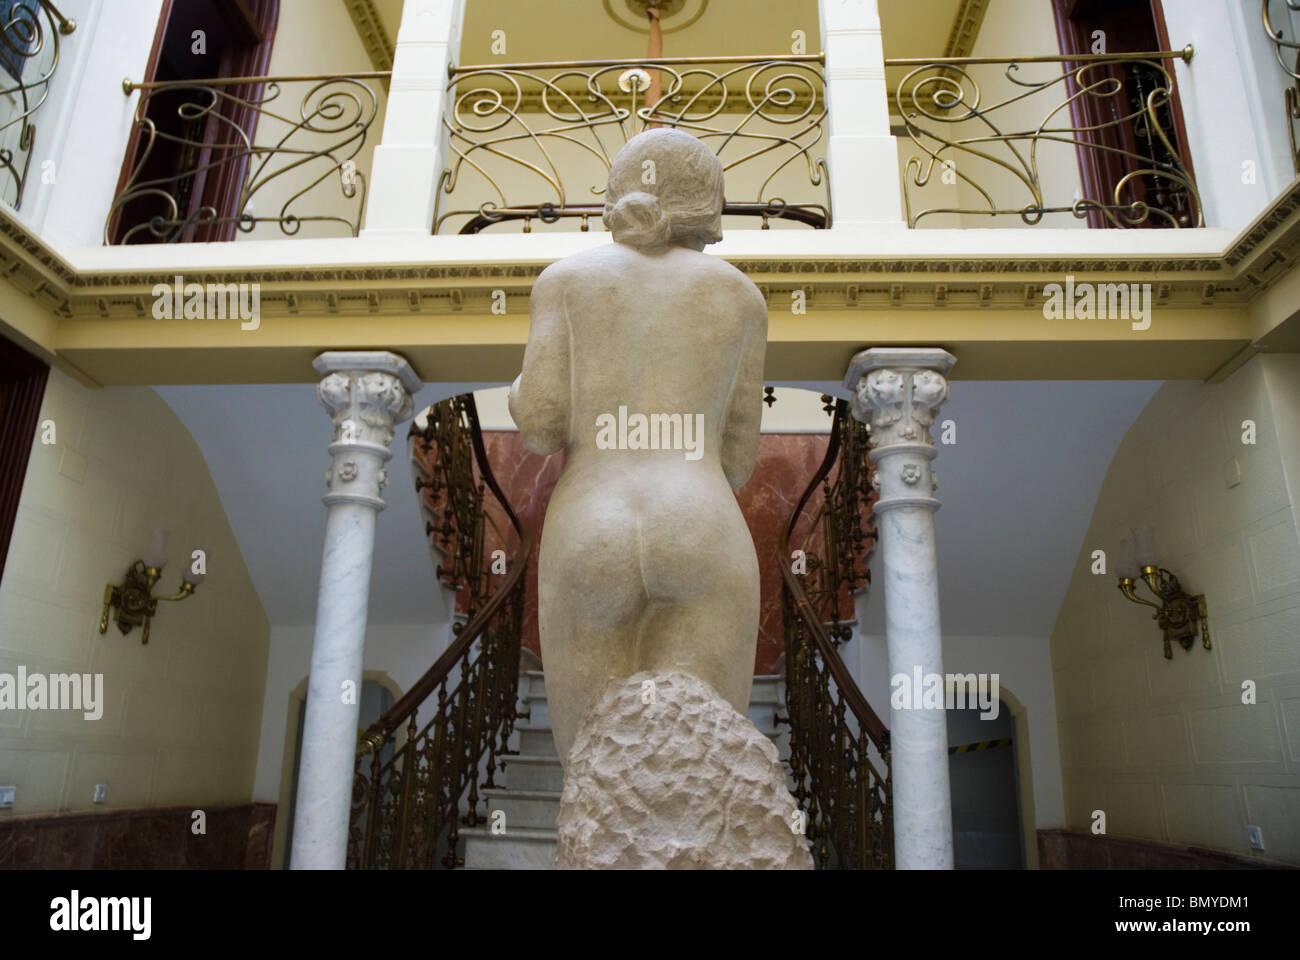 Palacio Aguirre, sede del Museo Regional de Arte Moderno (Muram) région Murcia CARTAGENA CIUDAD ESPAÑA Photo Stock